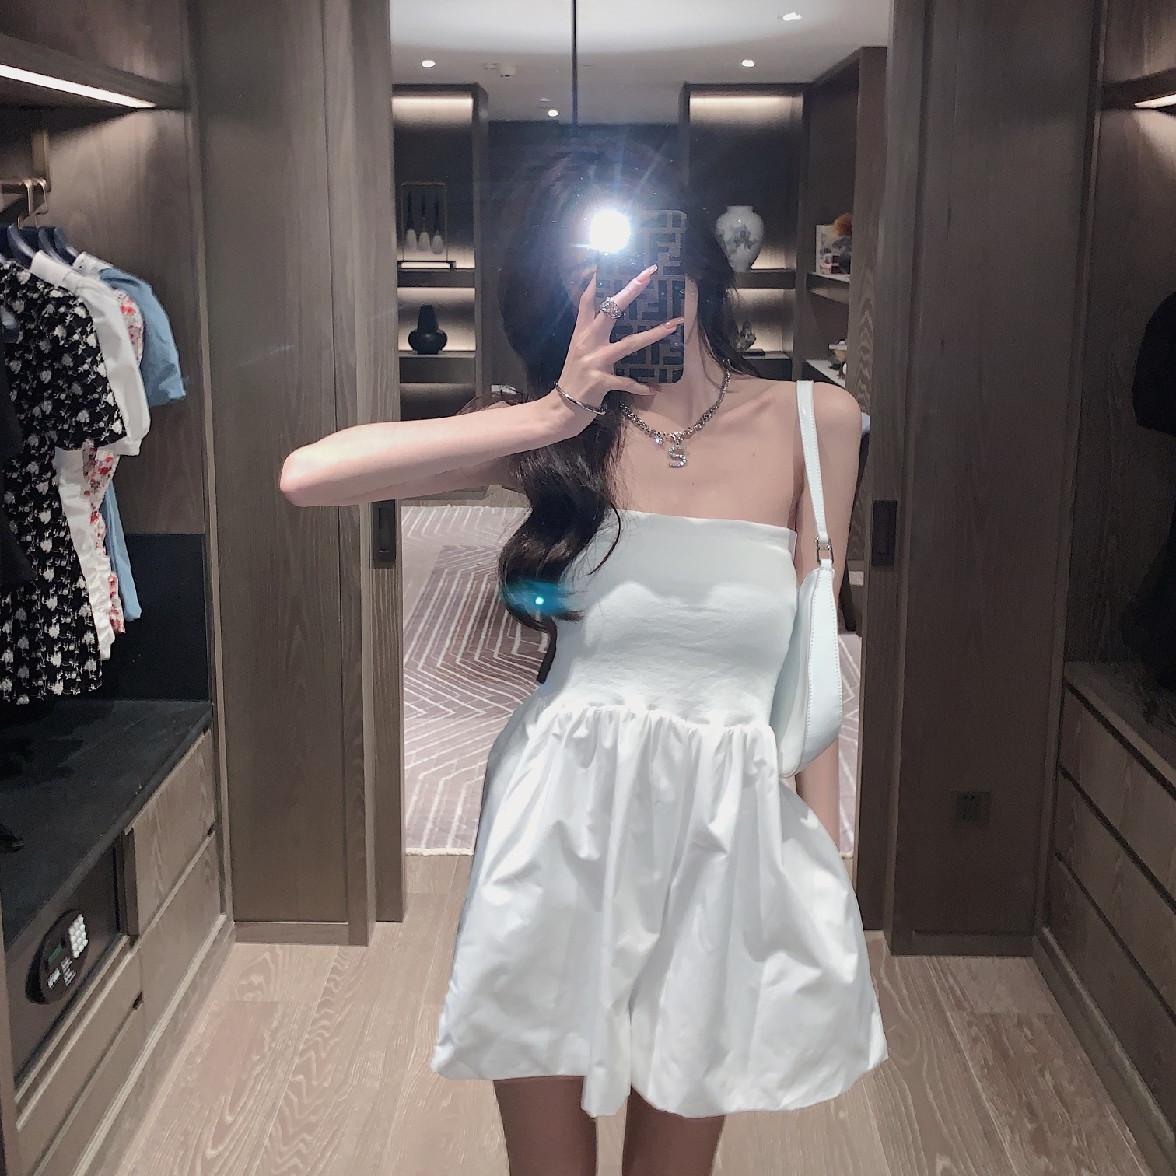 法式气质性感新款连体2021女衣橱裤裙百搭夏季连衣裙抹胸韩都